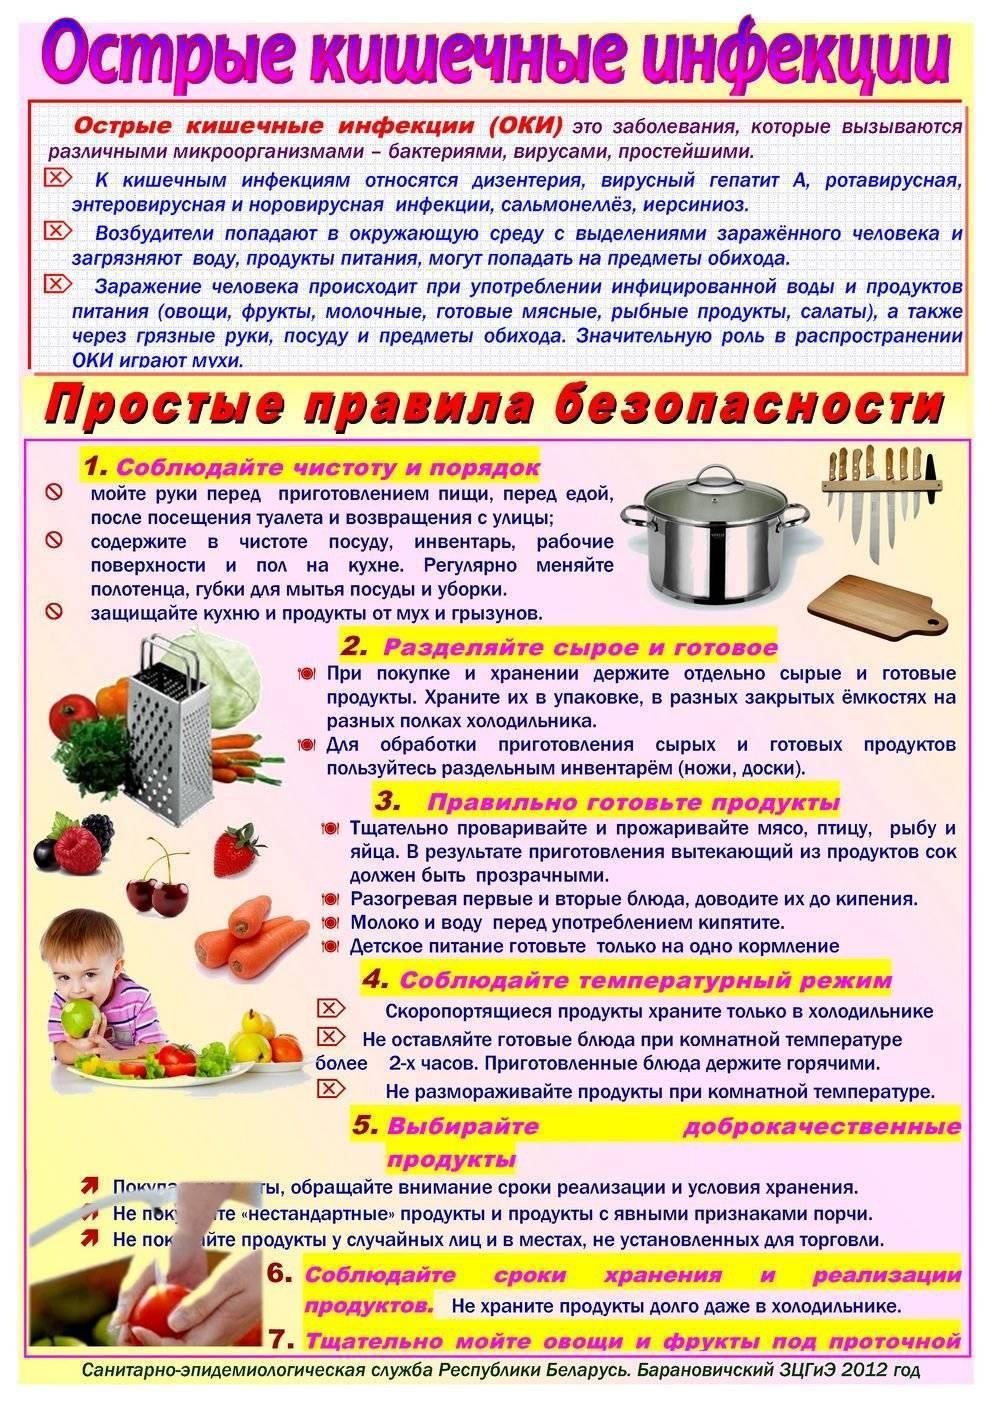 Кишечная инфекция у детей: лечение в домашних условиях